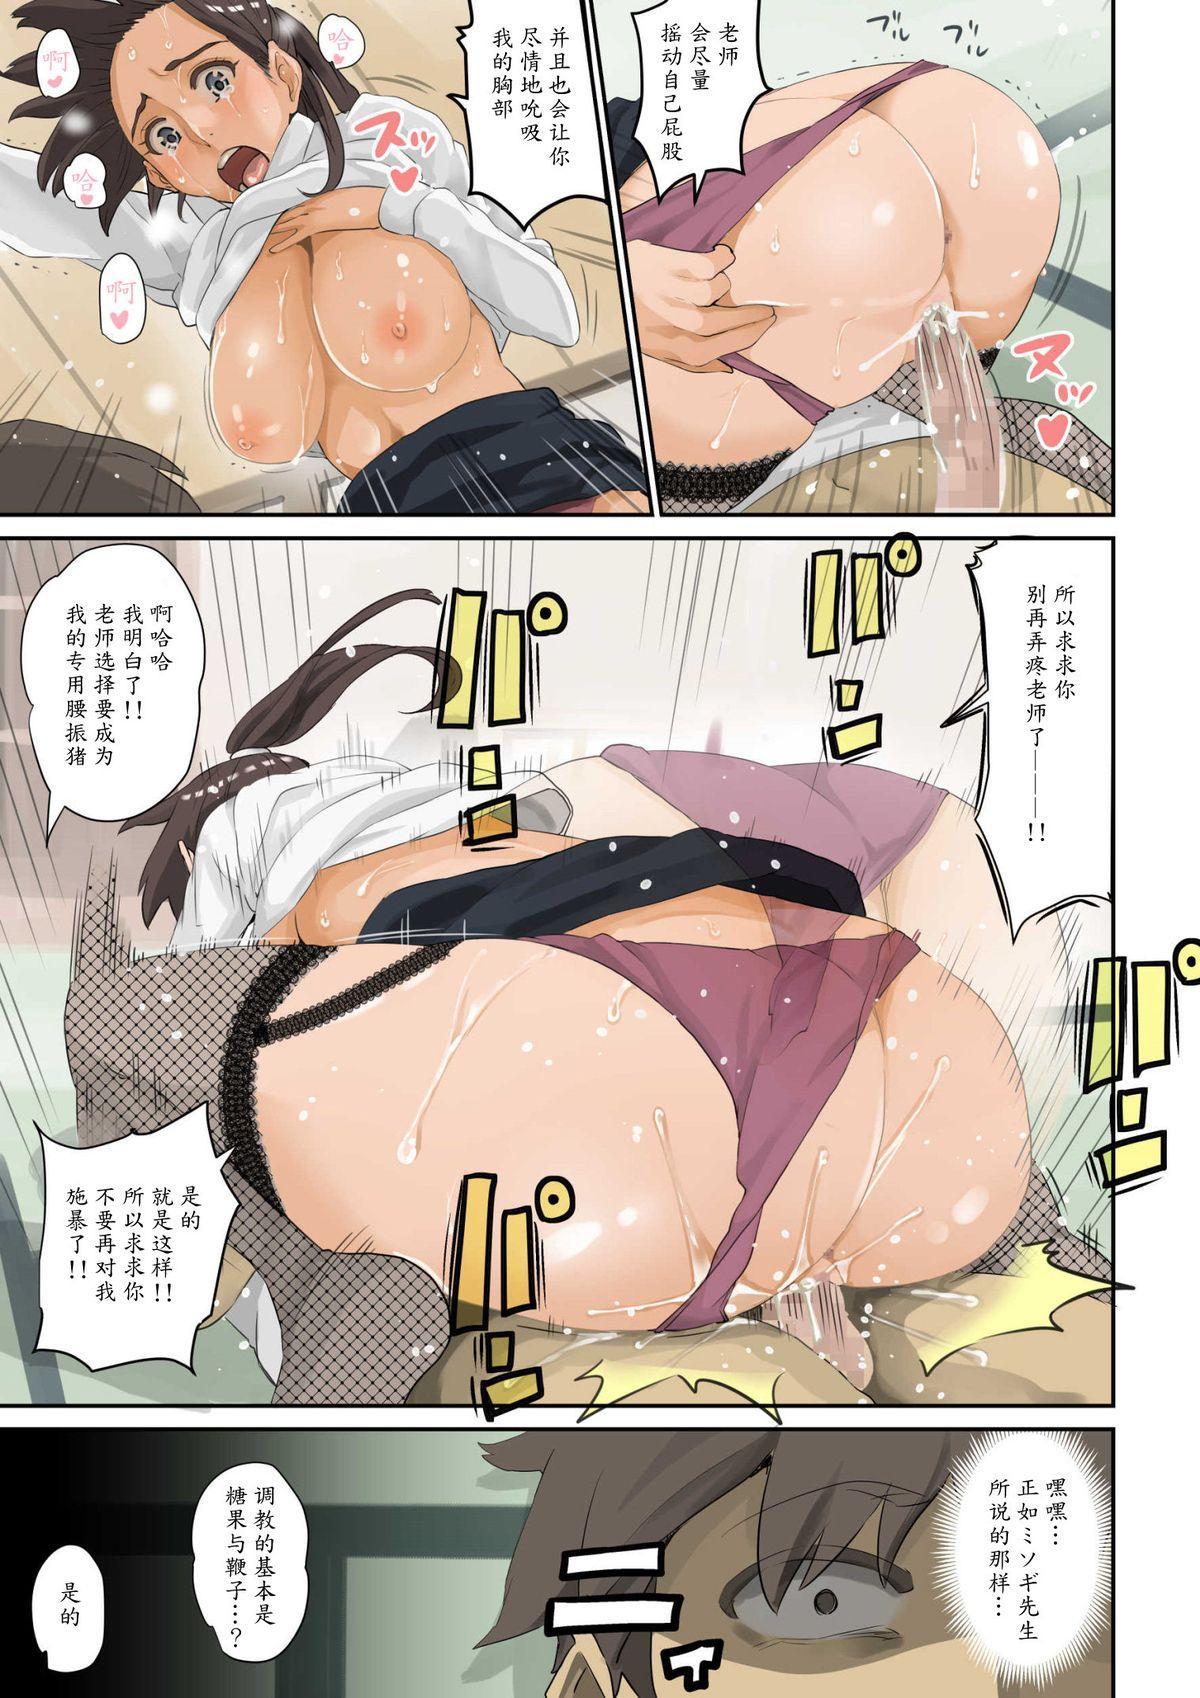 Nekura Shounen no Fukushuu Harem Choukyou Keikaku 37